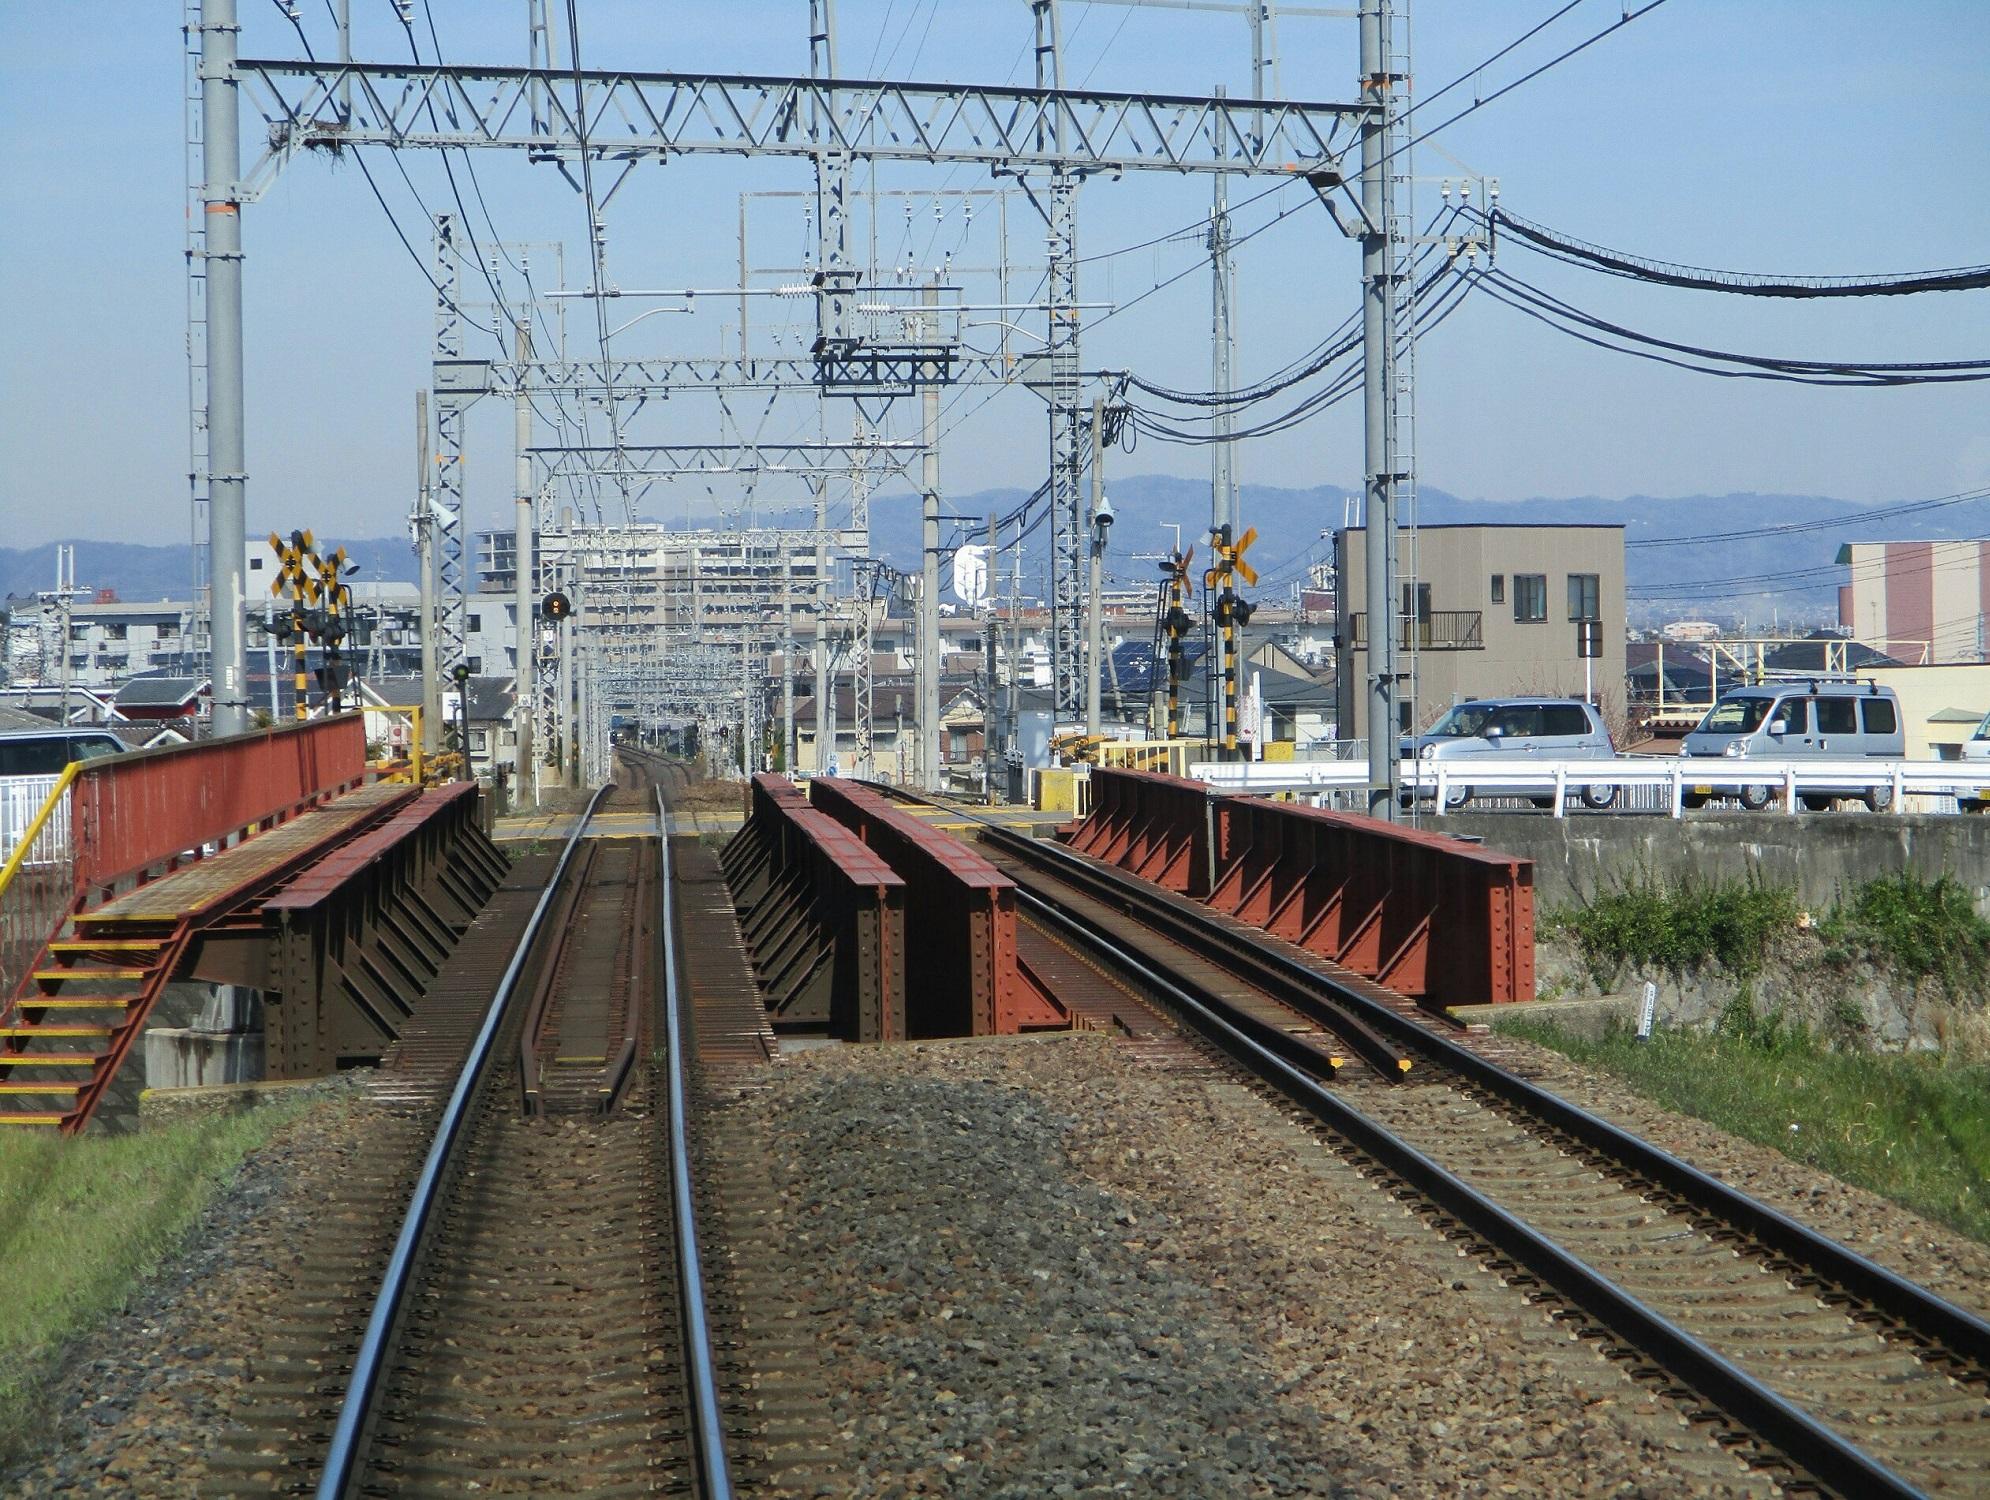 2019.3.18 (59) 大阪阿部野橋いき急行 - 浮孔高田市間 1990-1500